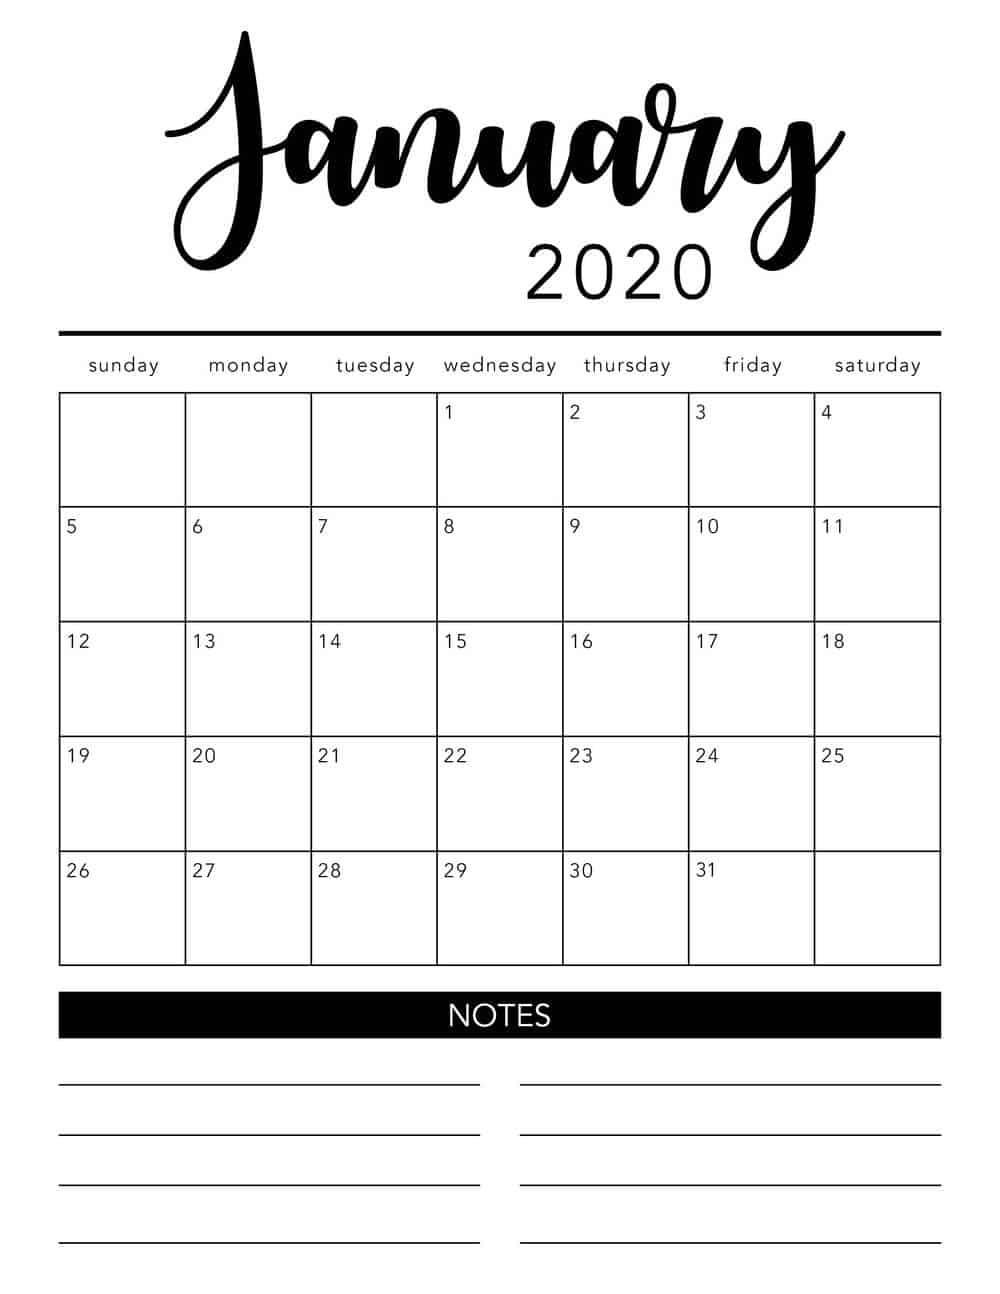 2020 Printable Calendar by Month